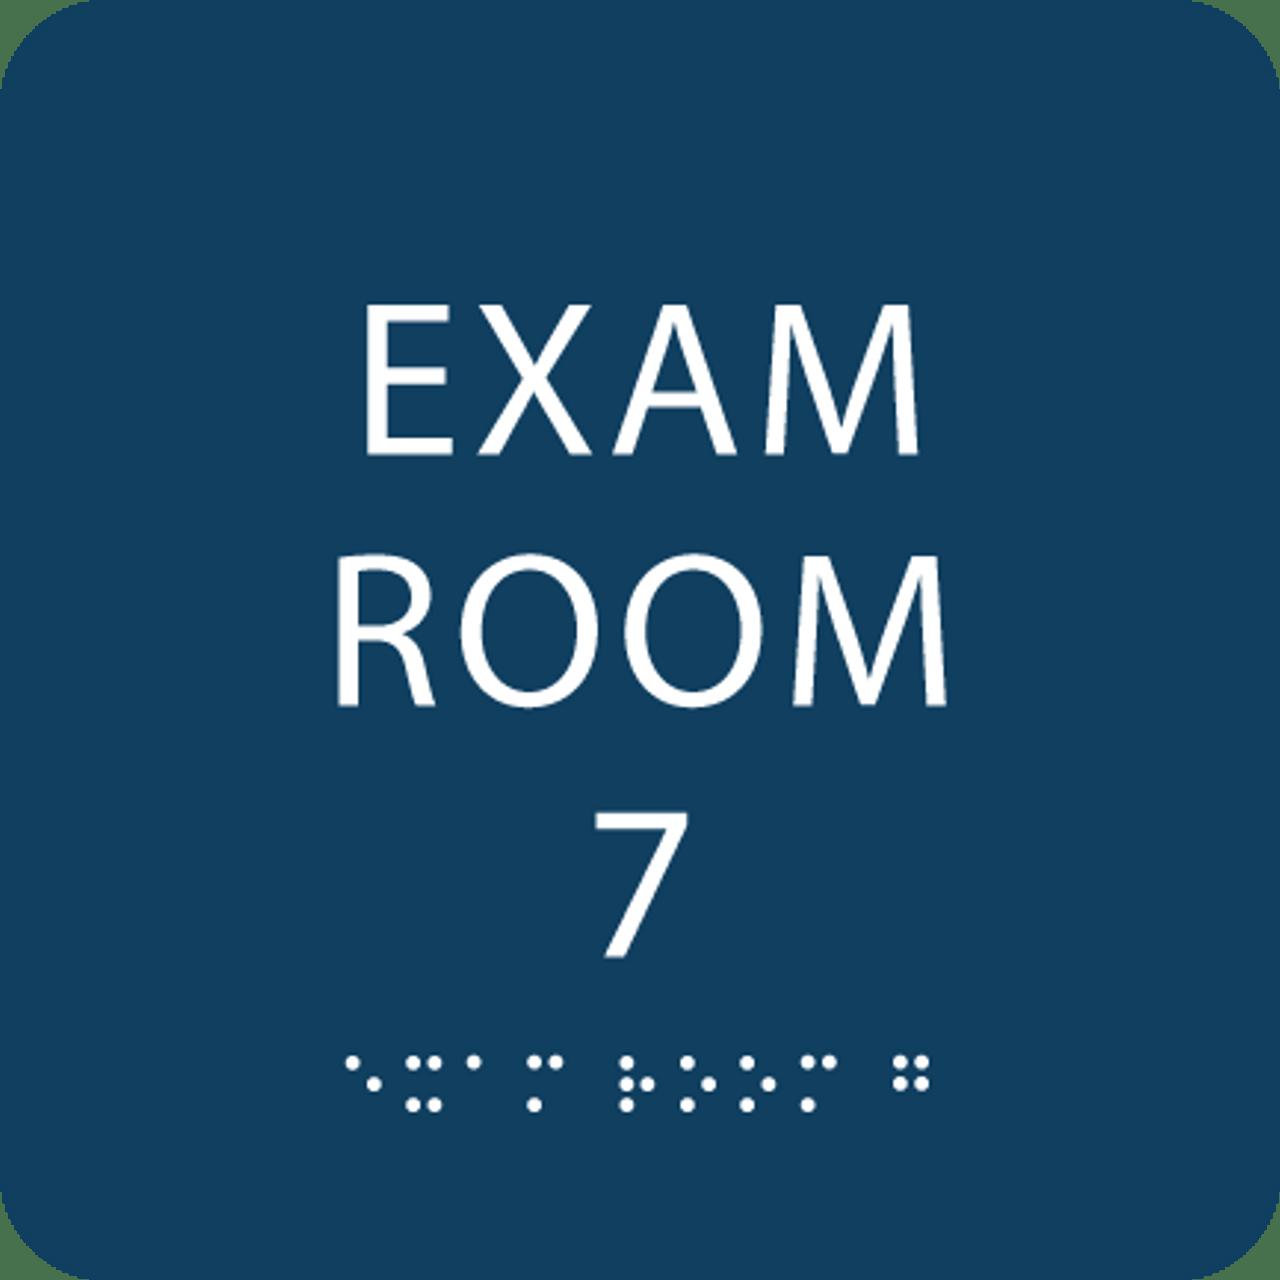 Dark Blue Exam Room 7 Sign w/ ADA Braille